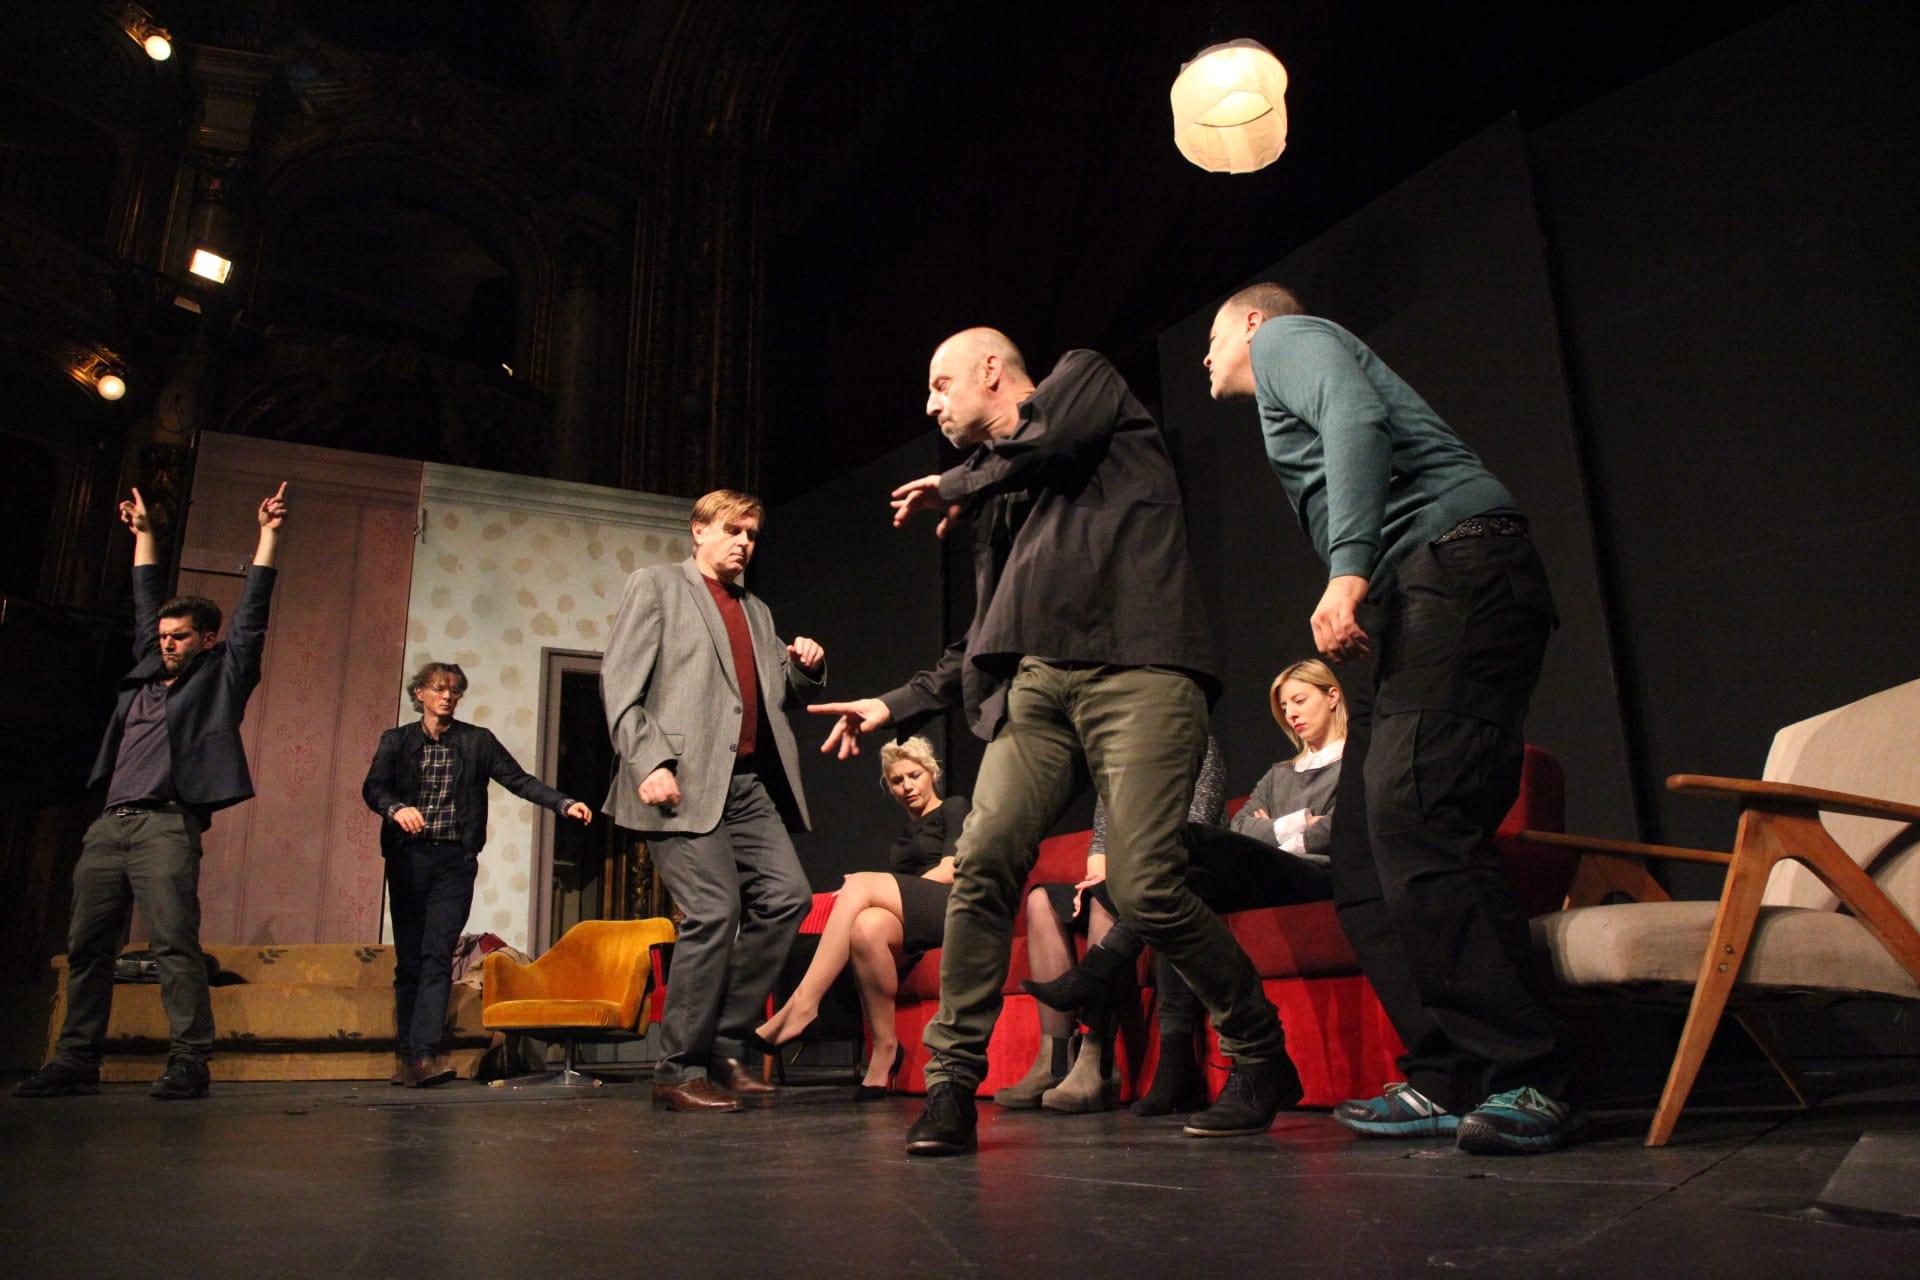 william shakespeare u vezi s predstavama scott disick povijest upoznavanja